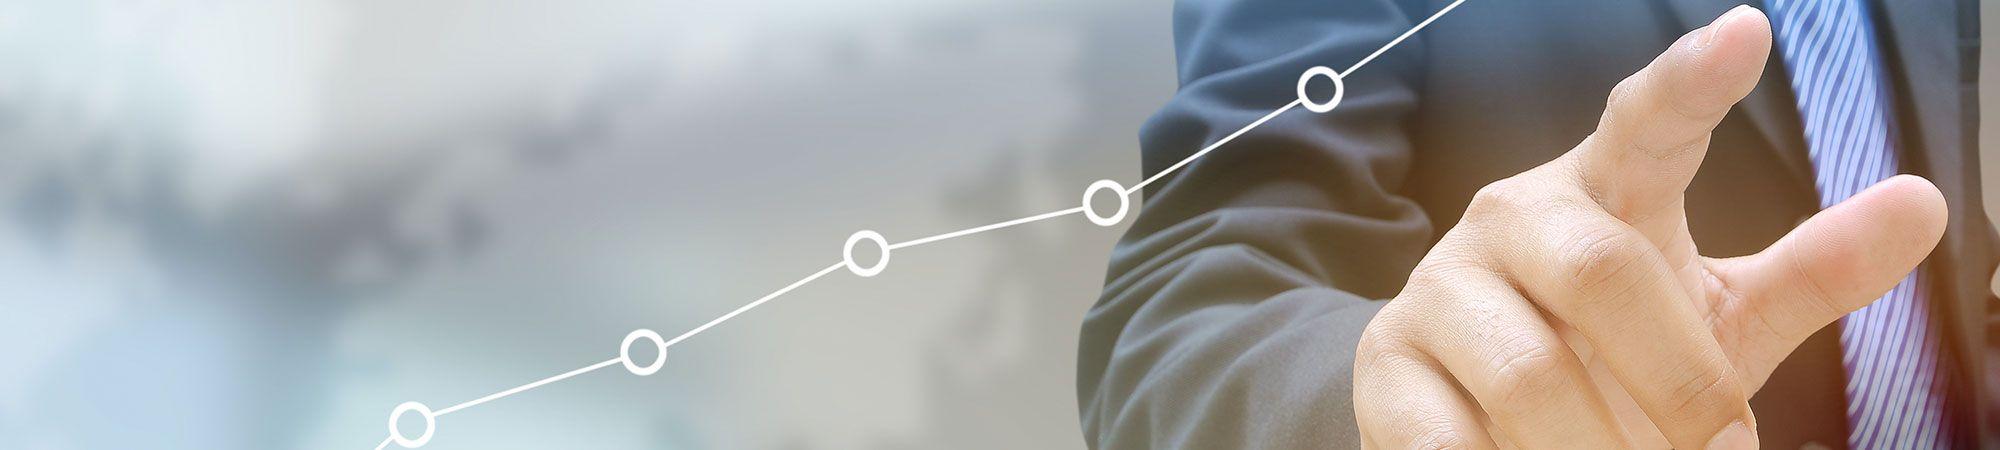 Mit durchgängigen digitalen Prozessen zur Verwaltungsmodernisierung